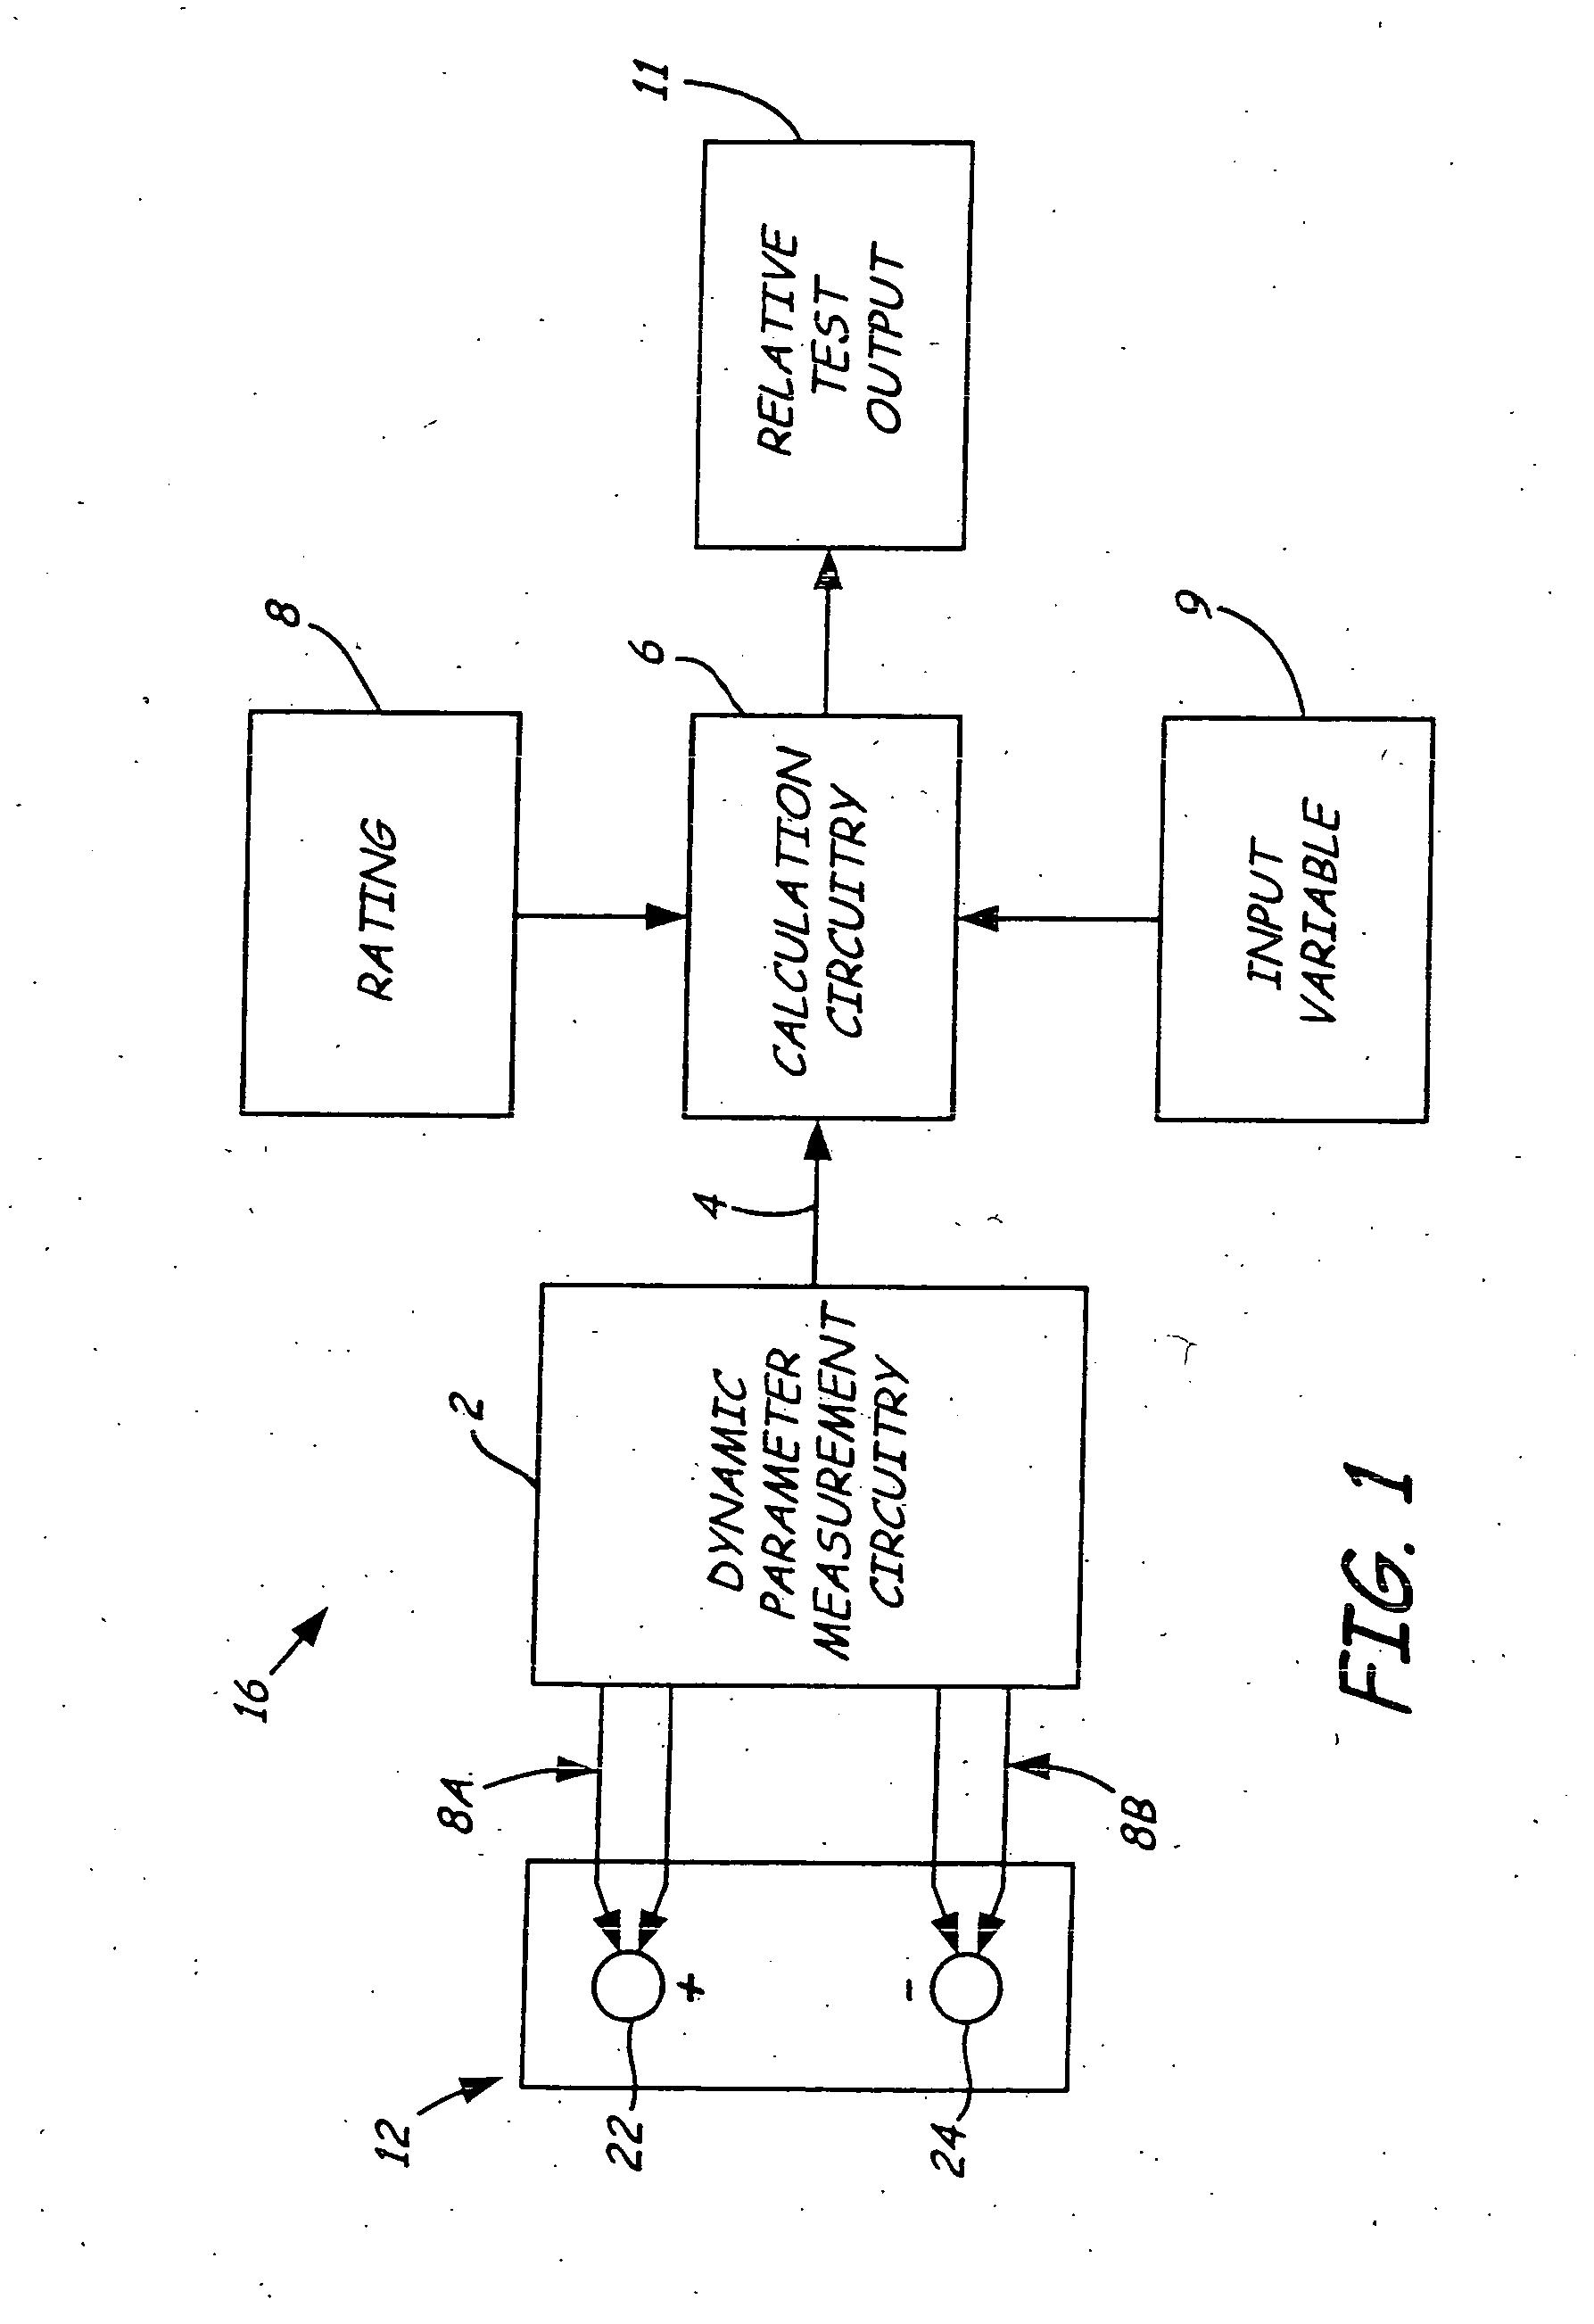 patent us20050021475